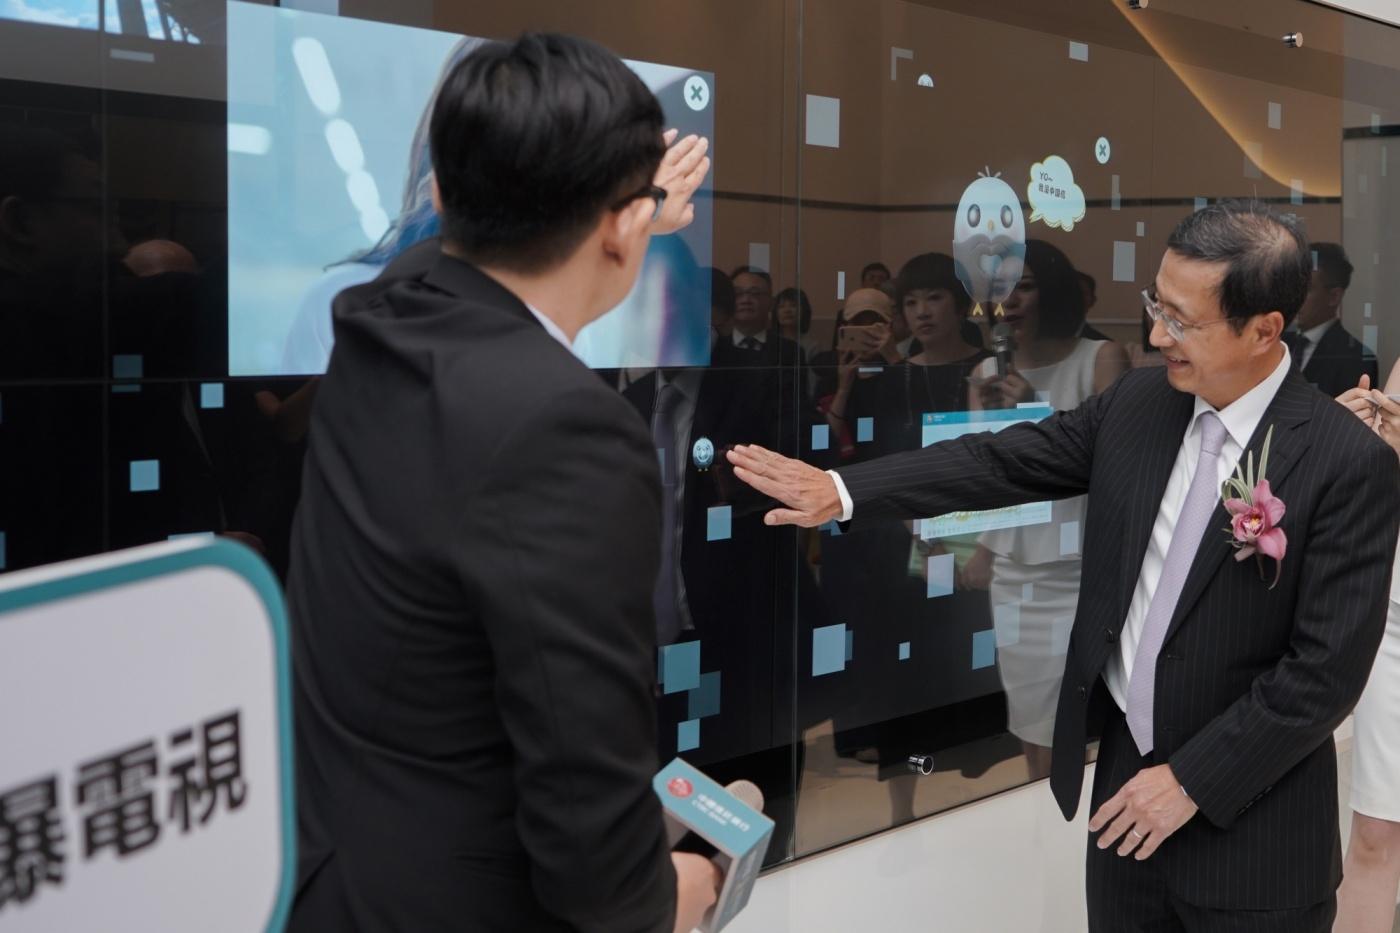 中國信託銀行最大旗艦型分行登場 提供創新數位體驗與尊榮理財空間 打造最有溫度的服務